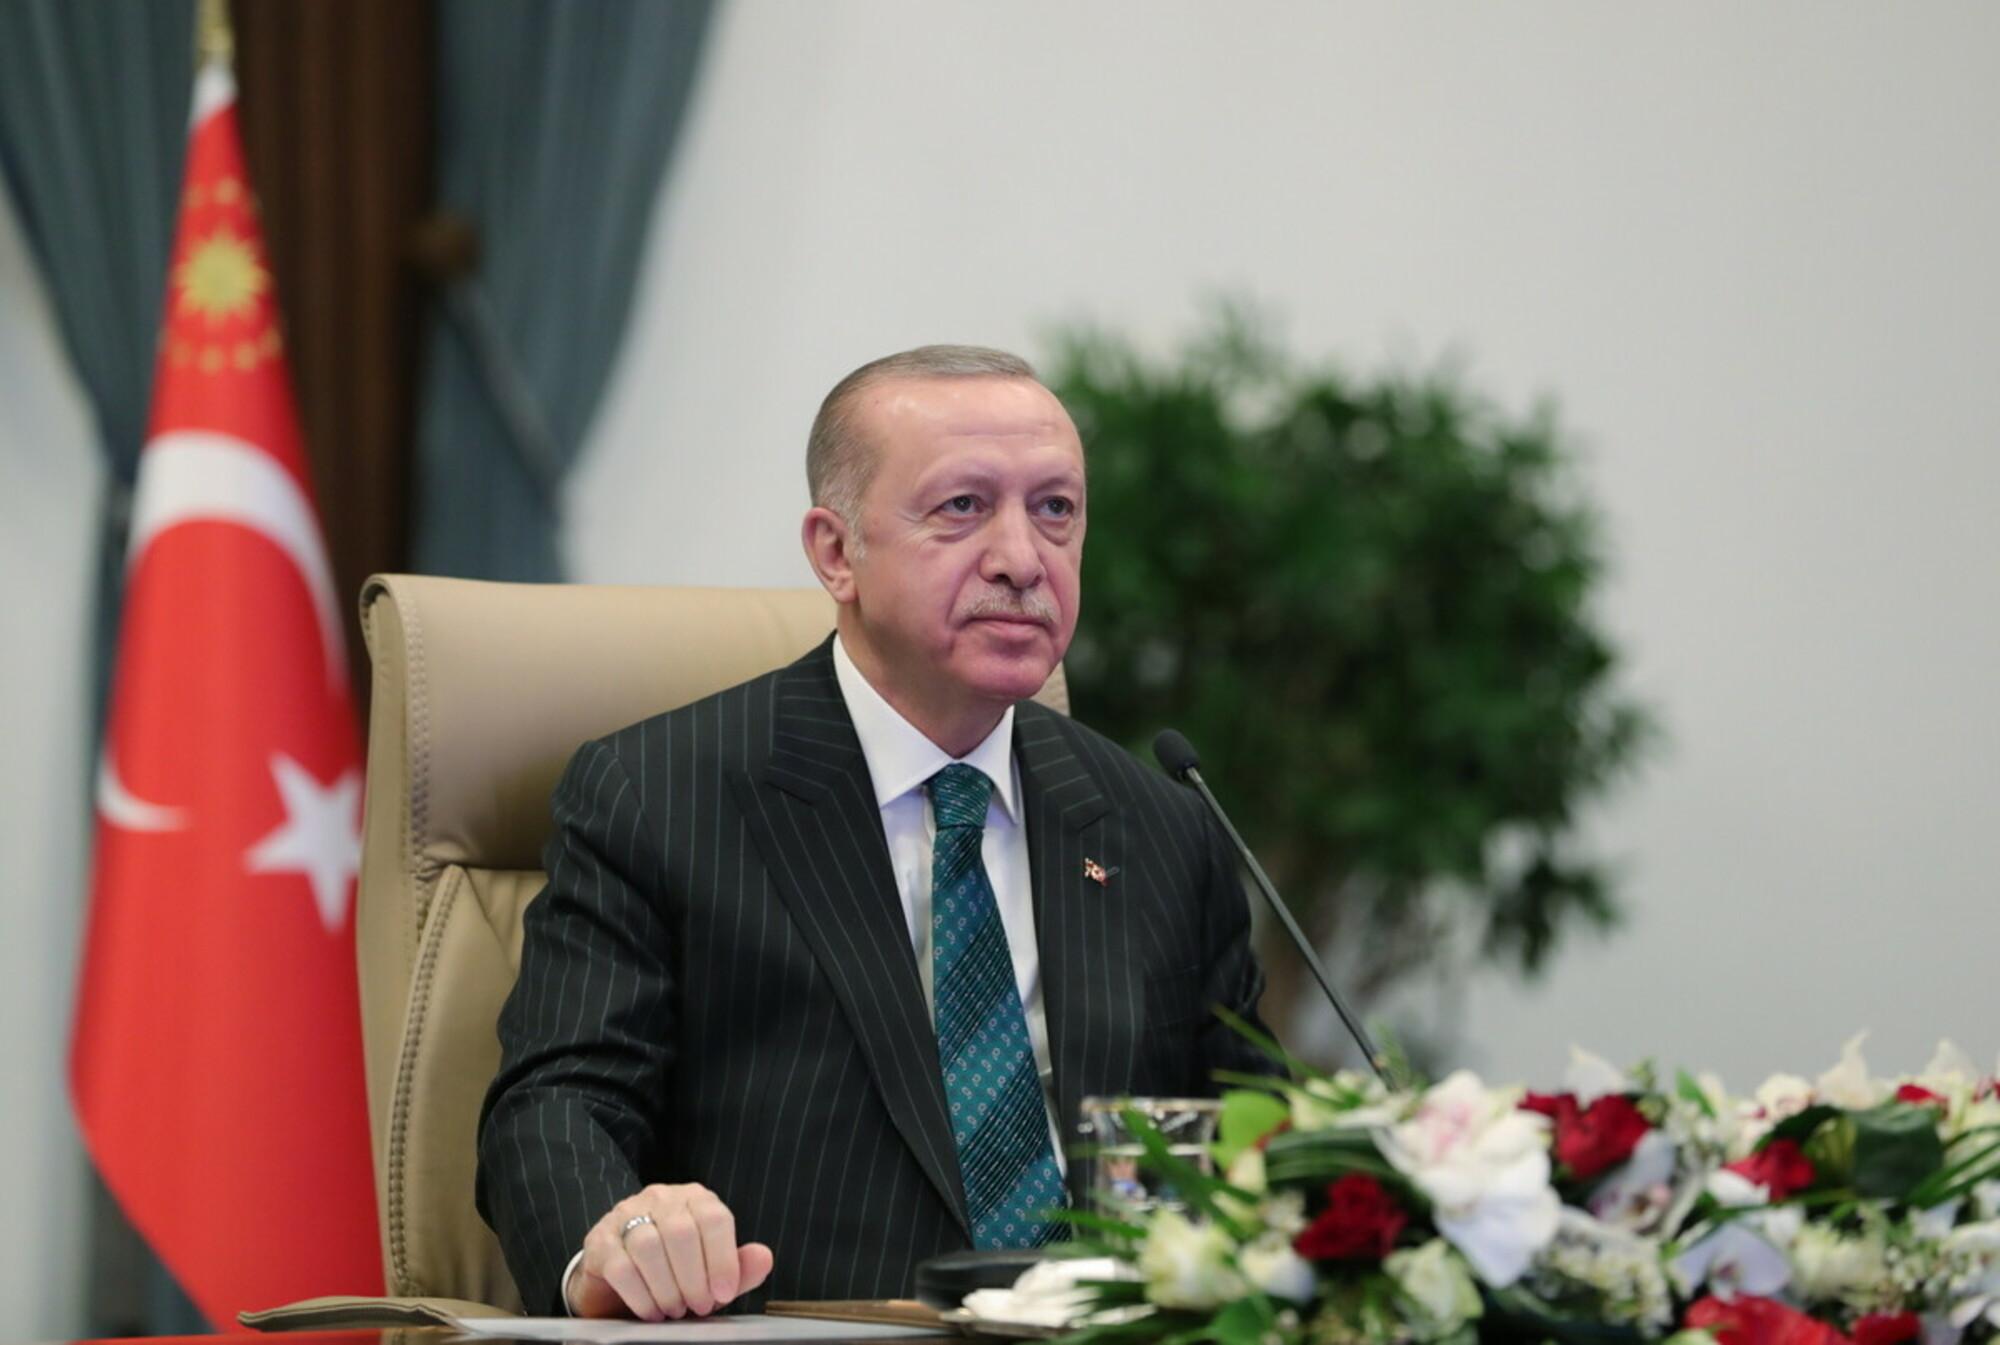 Ερντογάν: «Πολιτικό πραξικόπημα» η επιστολή των απόστρατων ναυάρχων